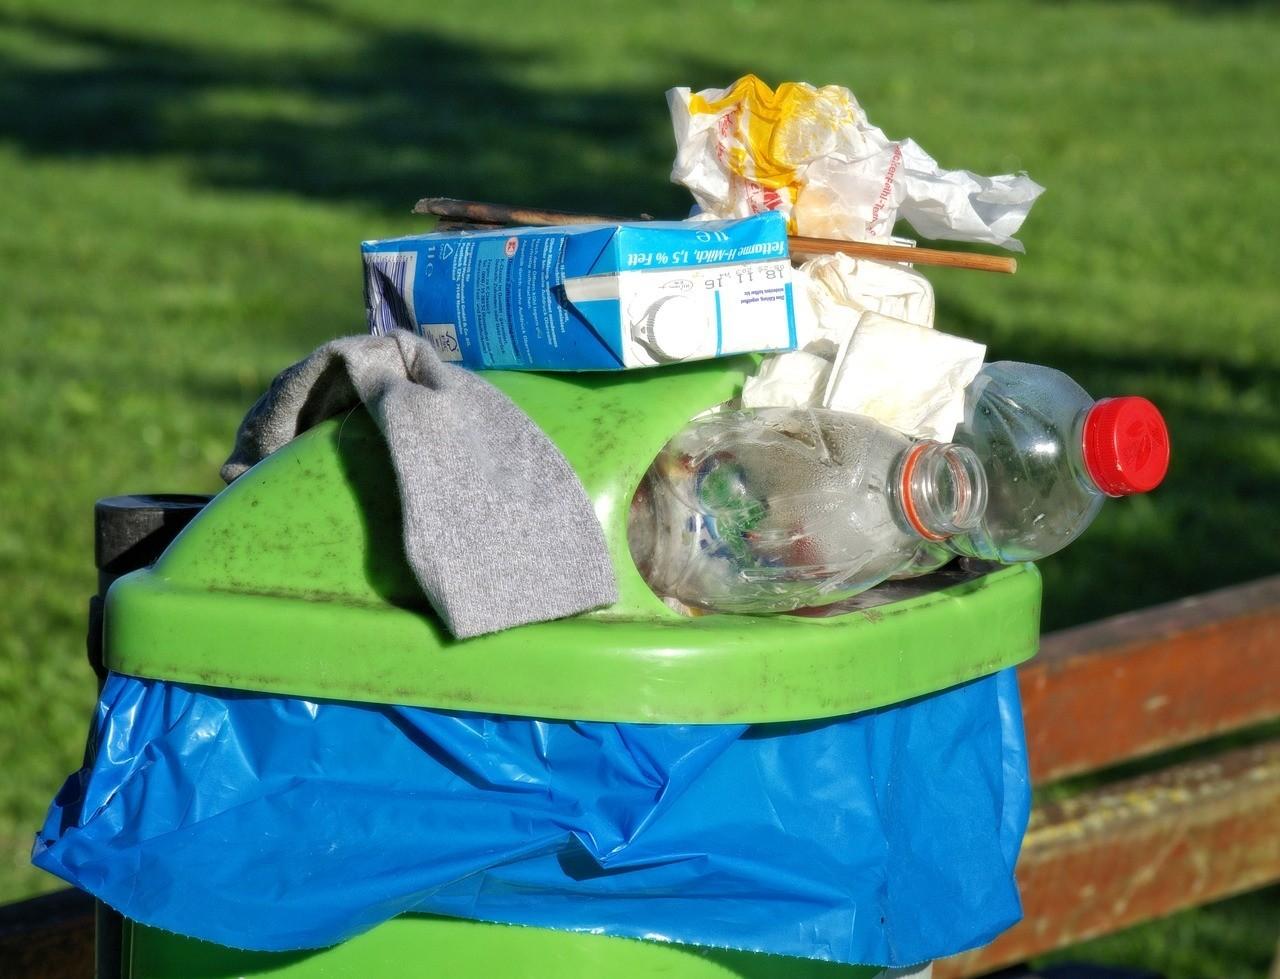 Oprogramowanie do zarządzania gospodarką odpadami